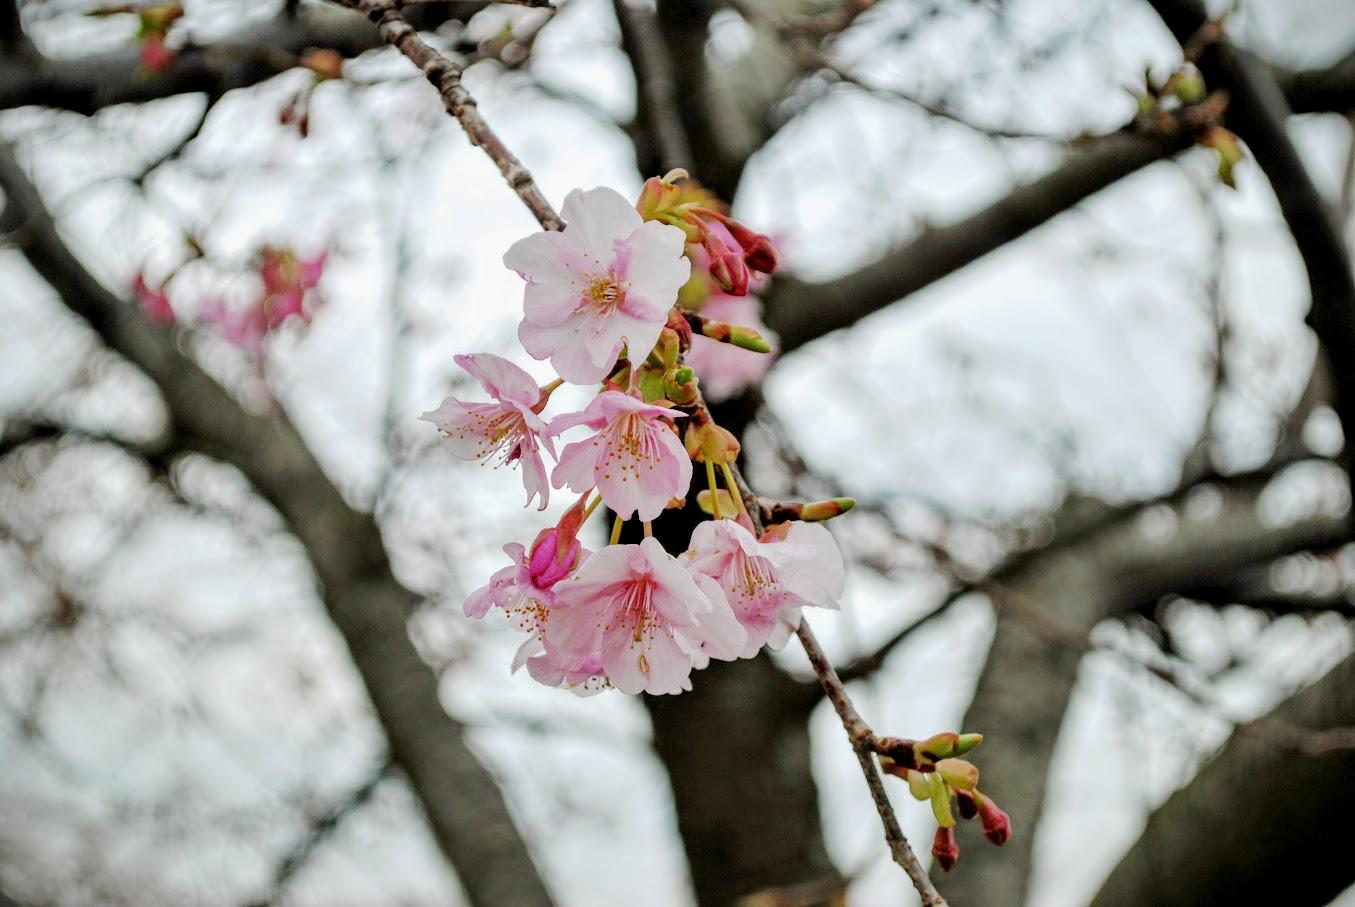 [2016年2月12日]いよいよ明日らから「まつだ桜まつり」開催!!松田山の桜の様子は?